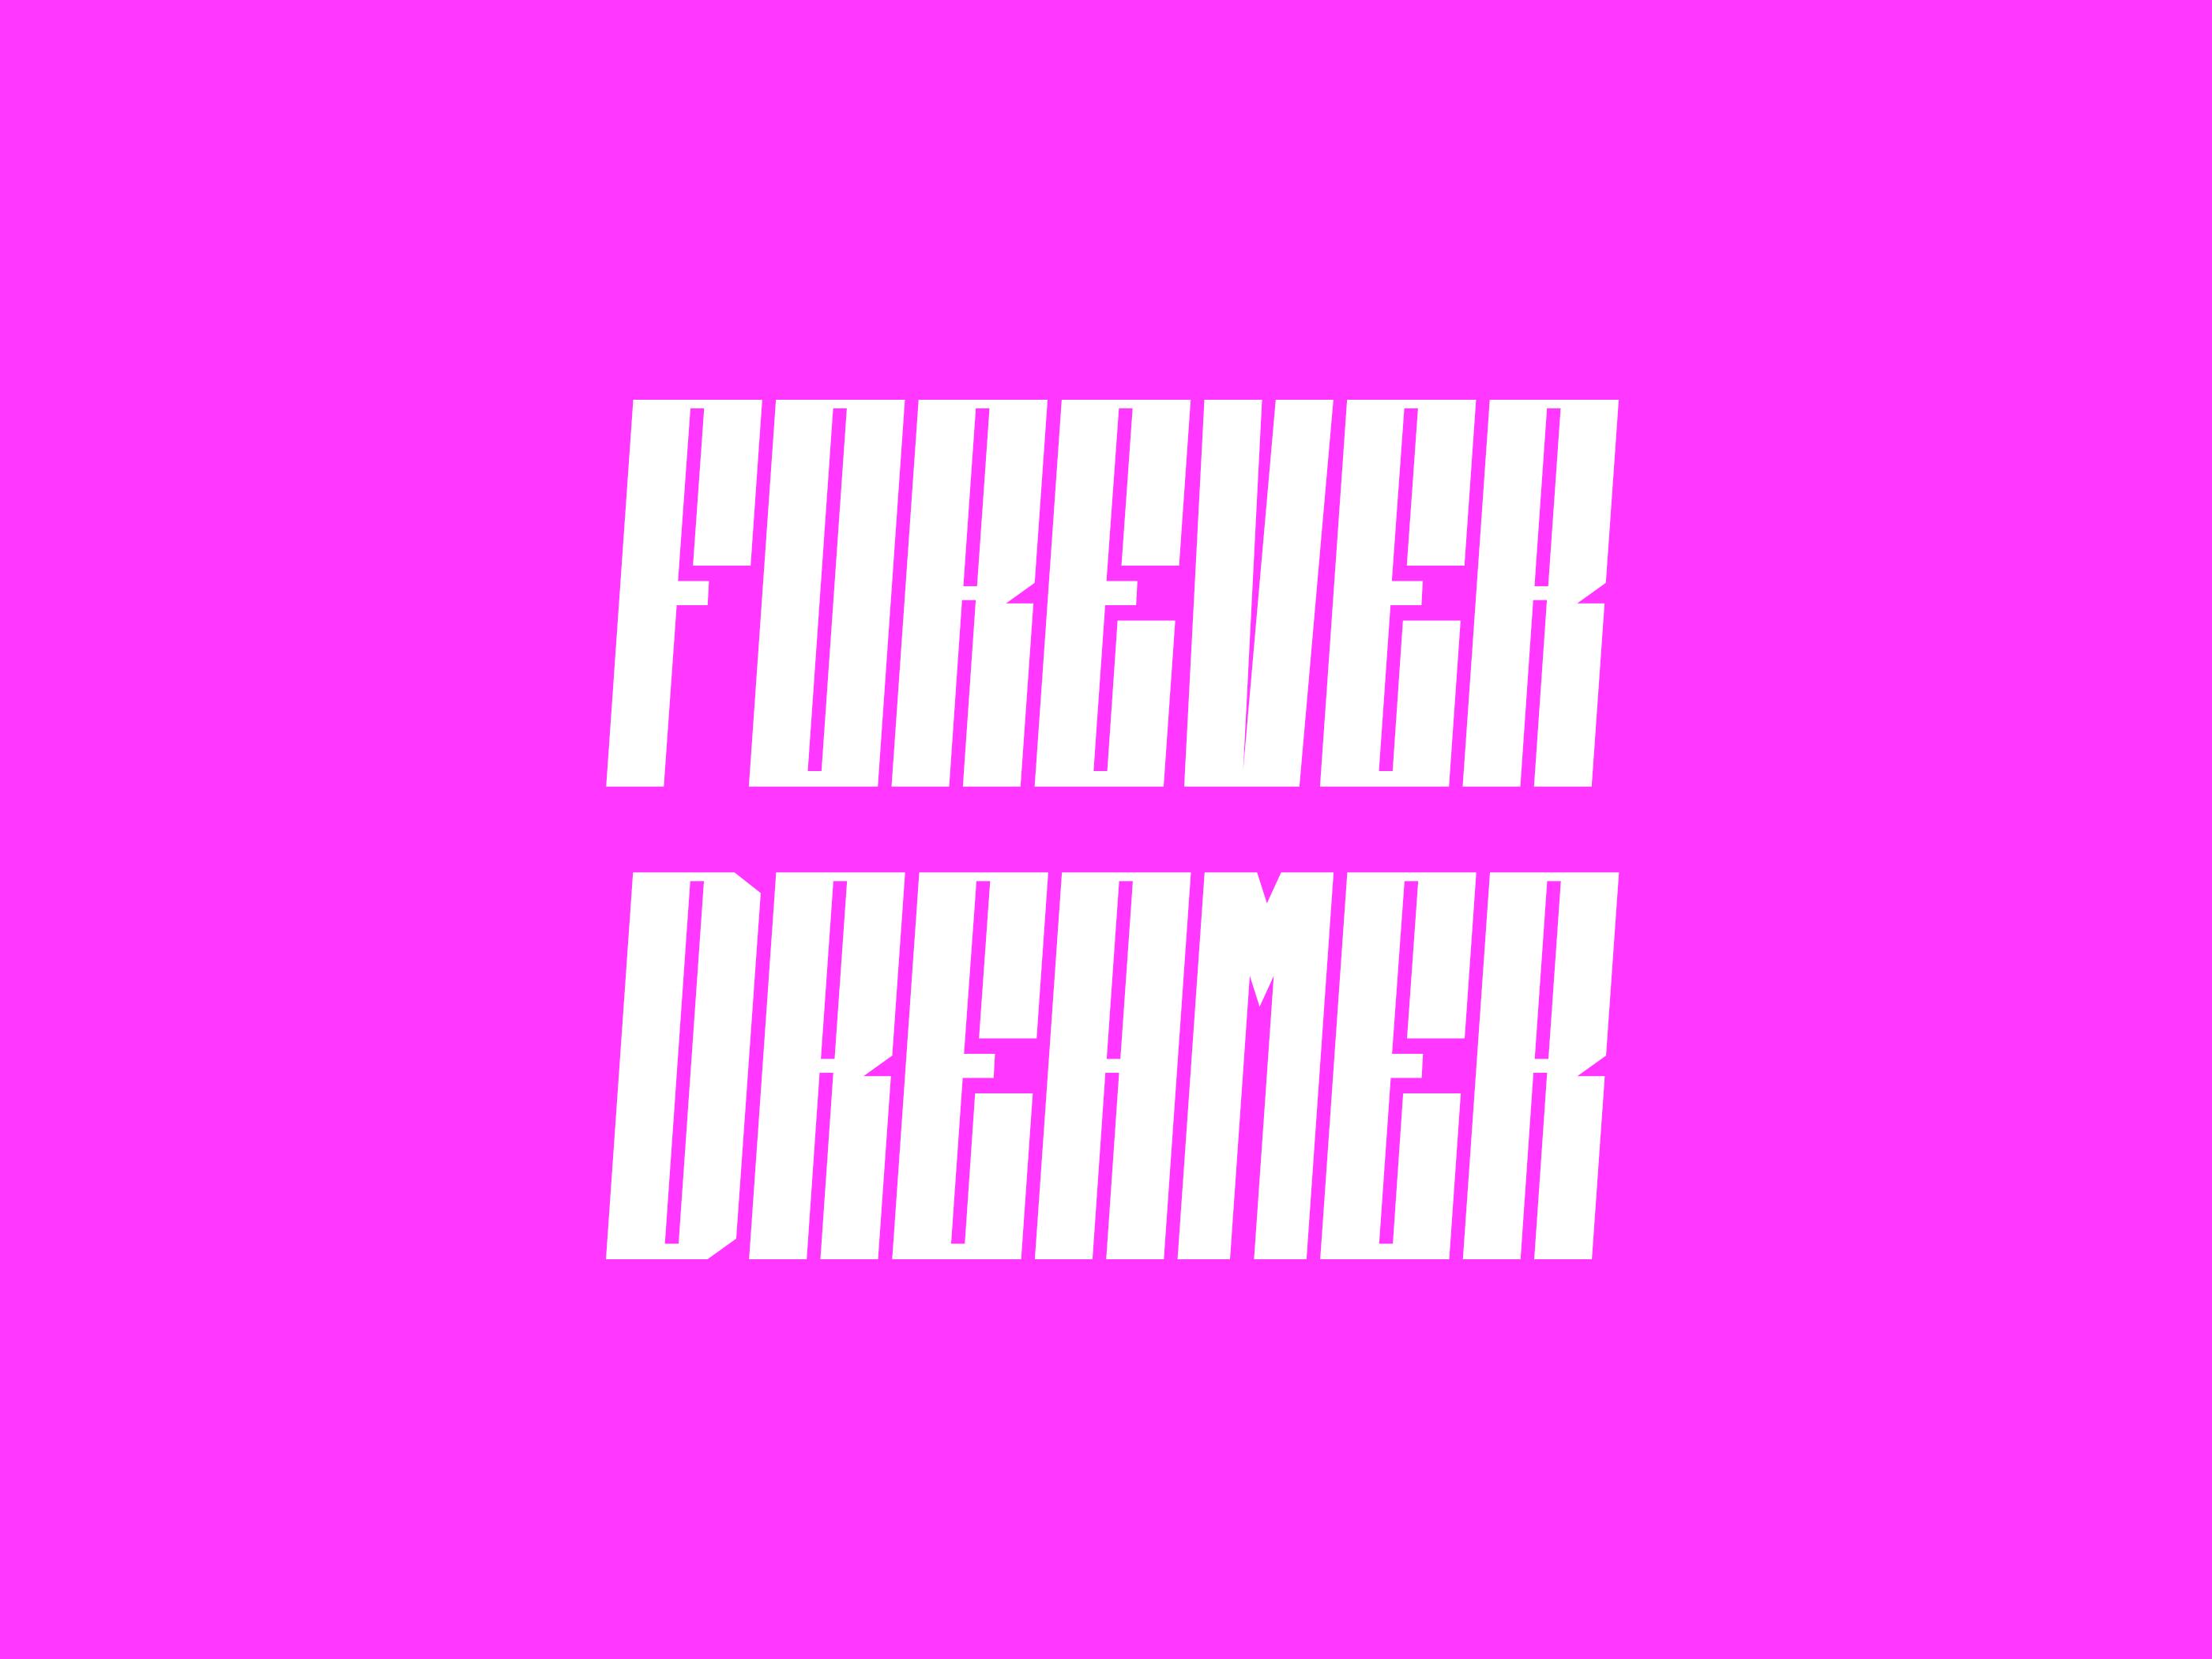 Kicker Free Font - decorative-display